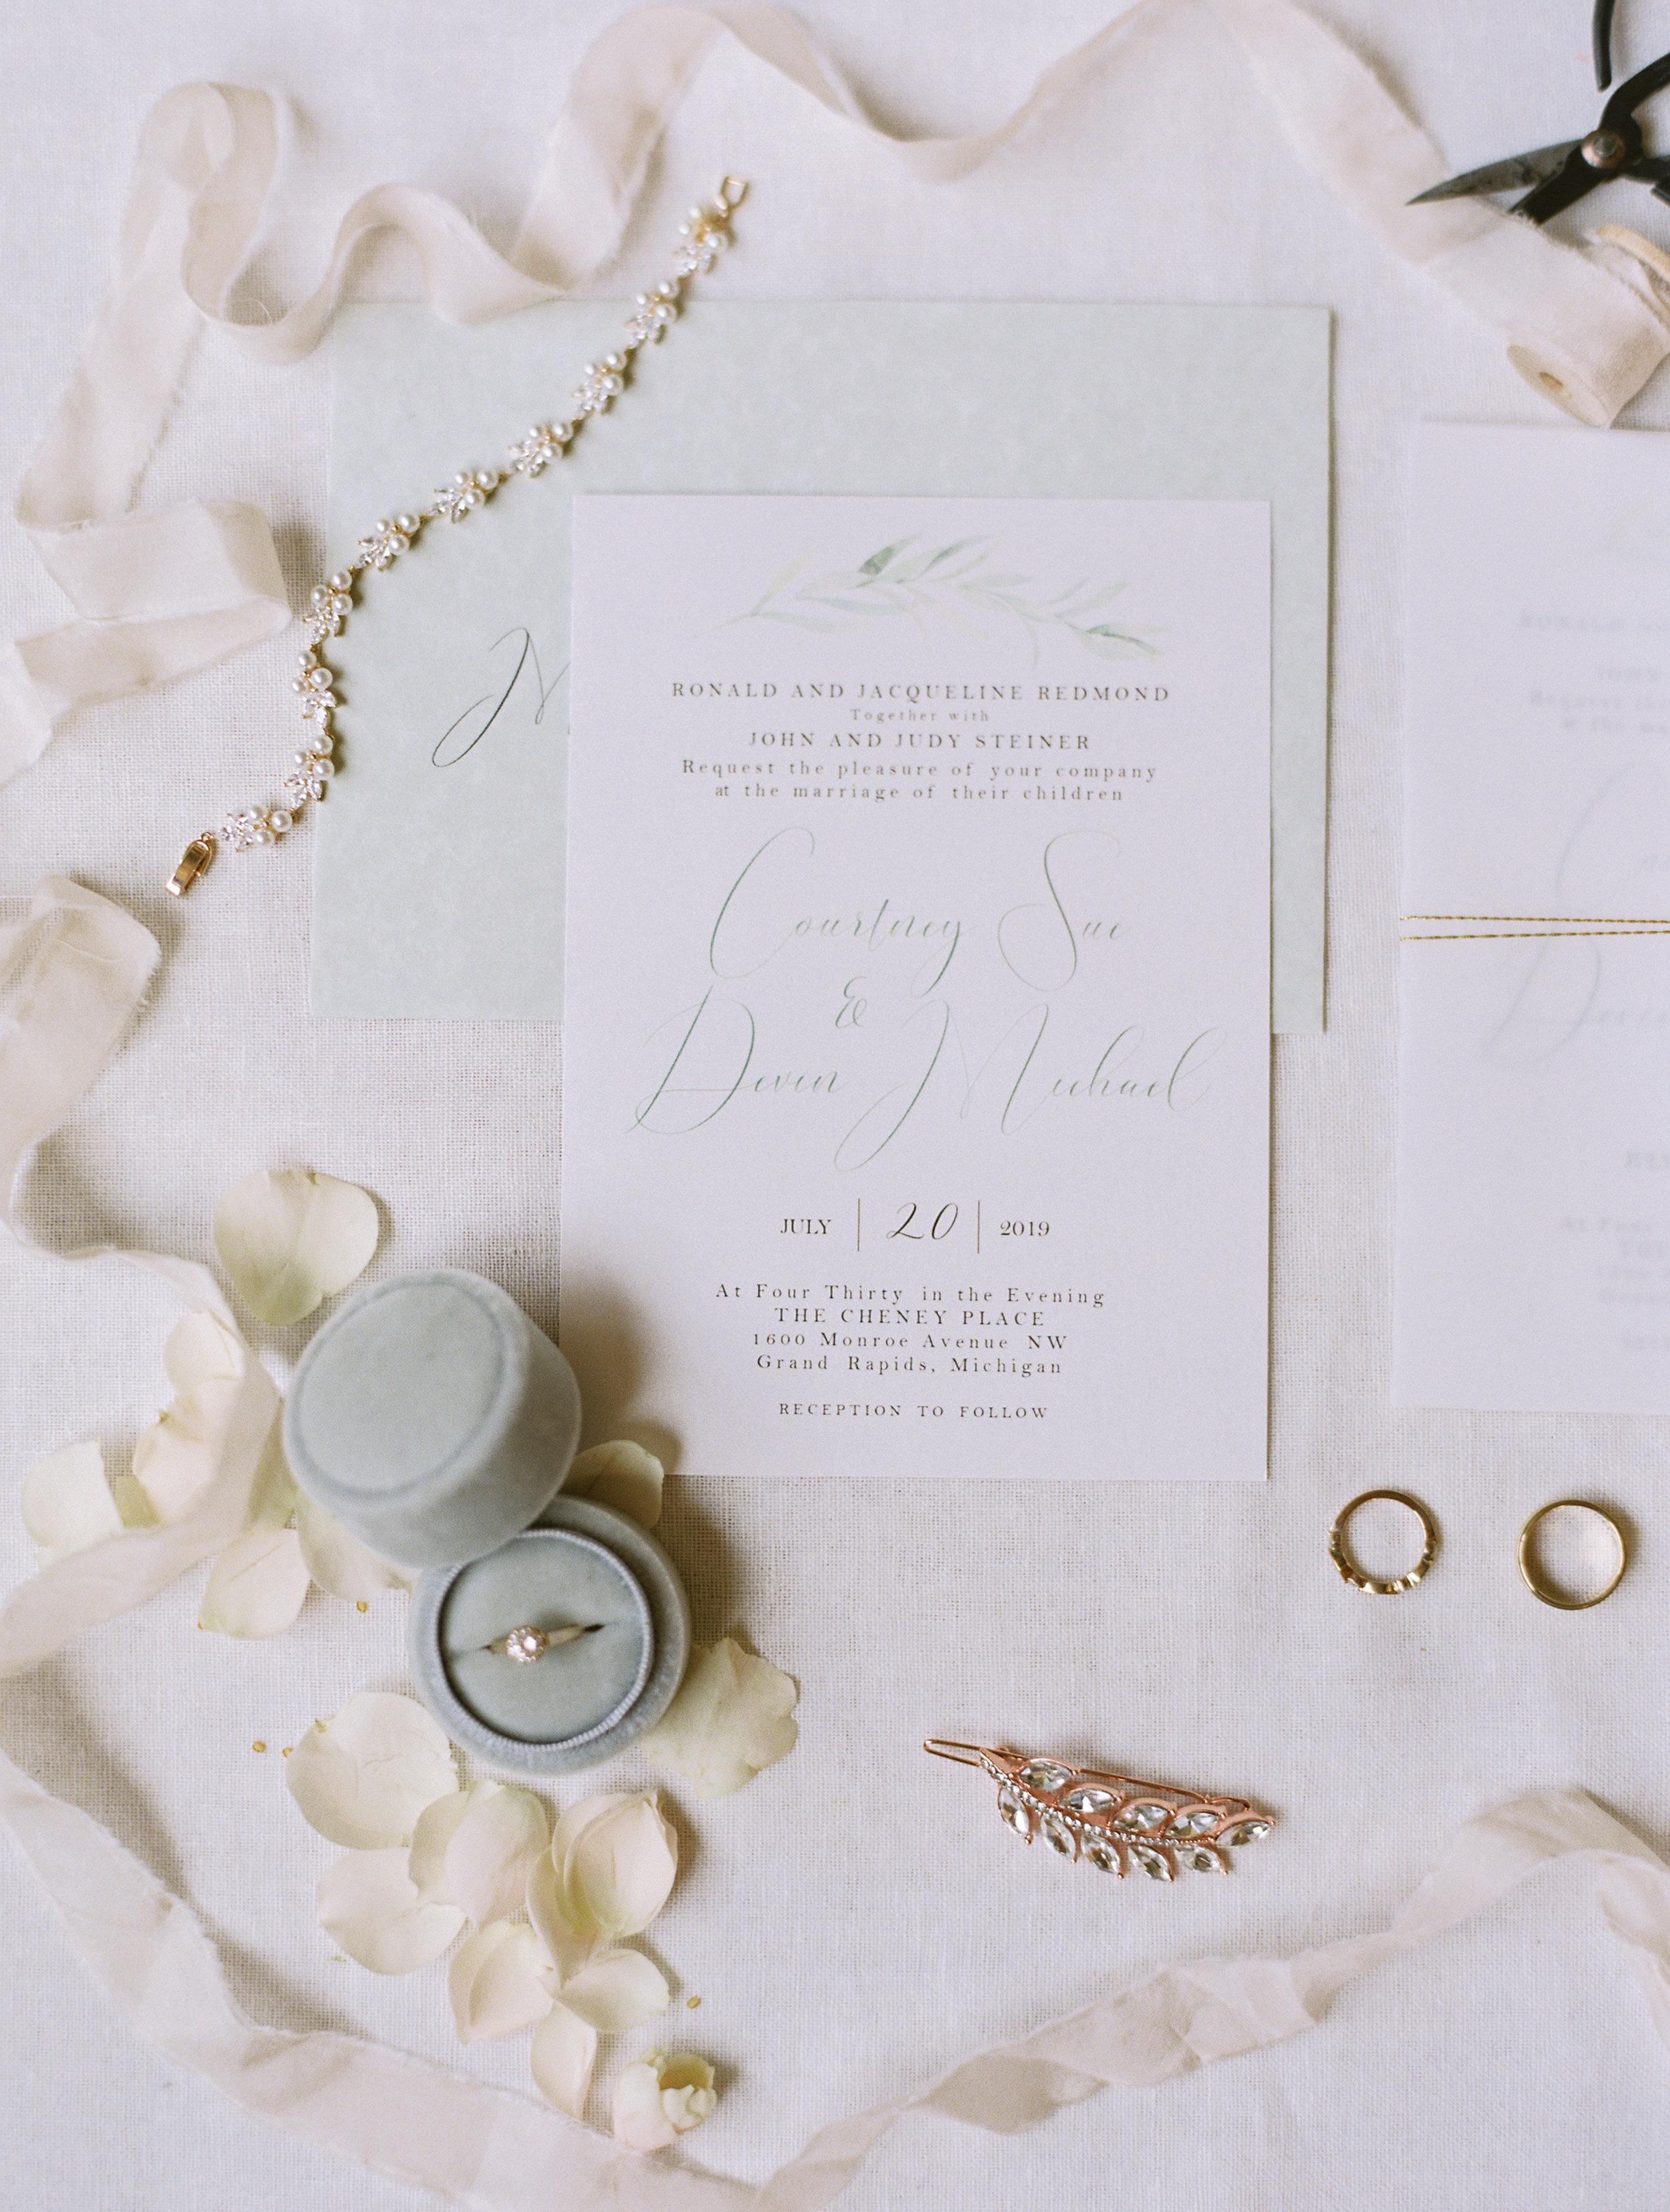 Steiner+Wedding+Details-46.jpg